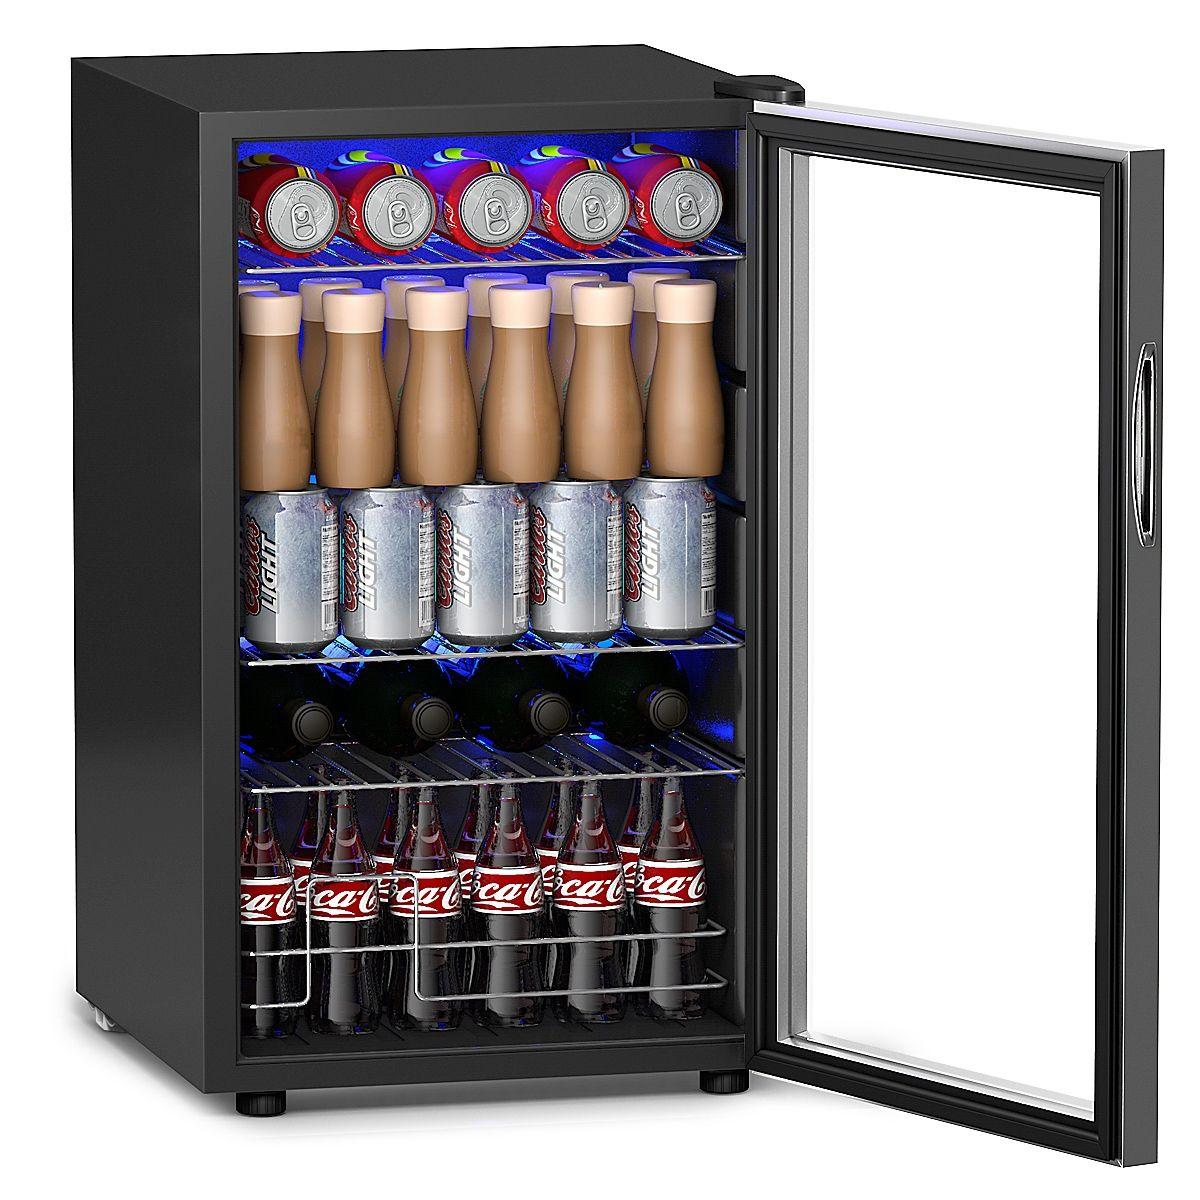 76 Can Beverage Refrigerator Cooler with Glass Door